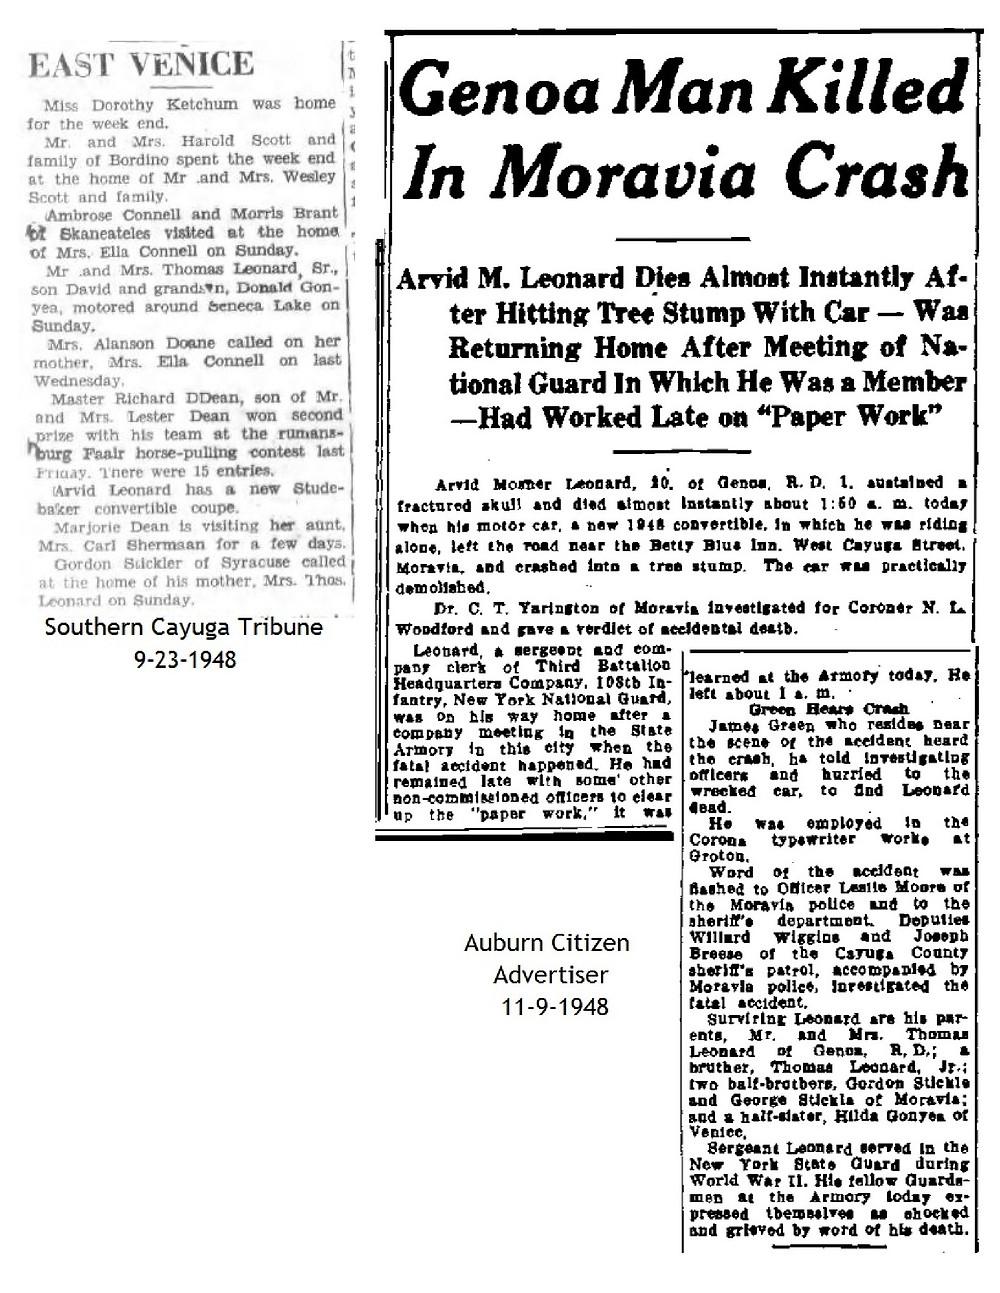 Arvid M. Leonard dies 1948